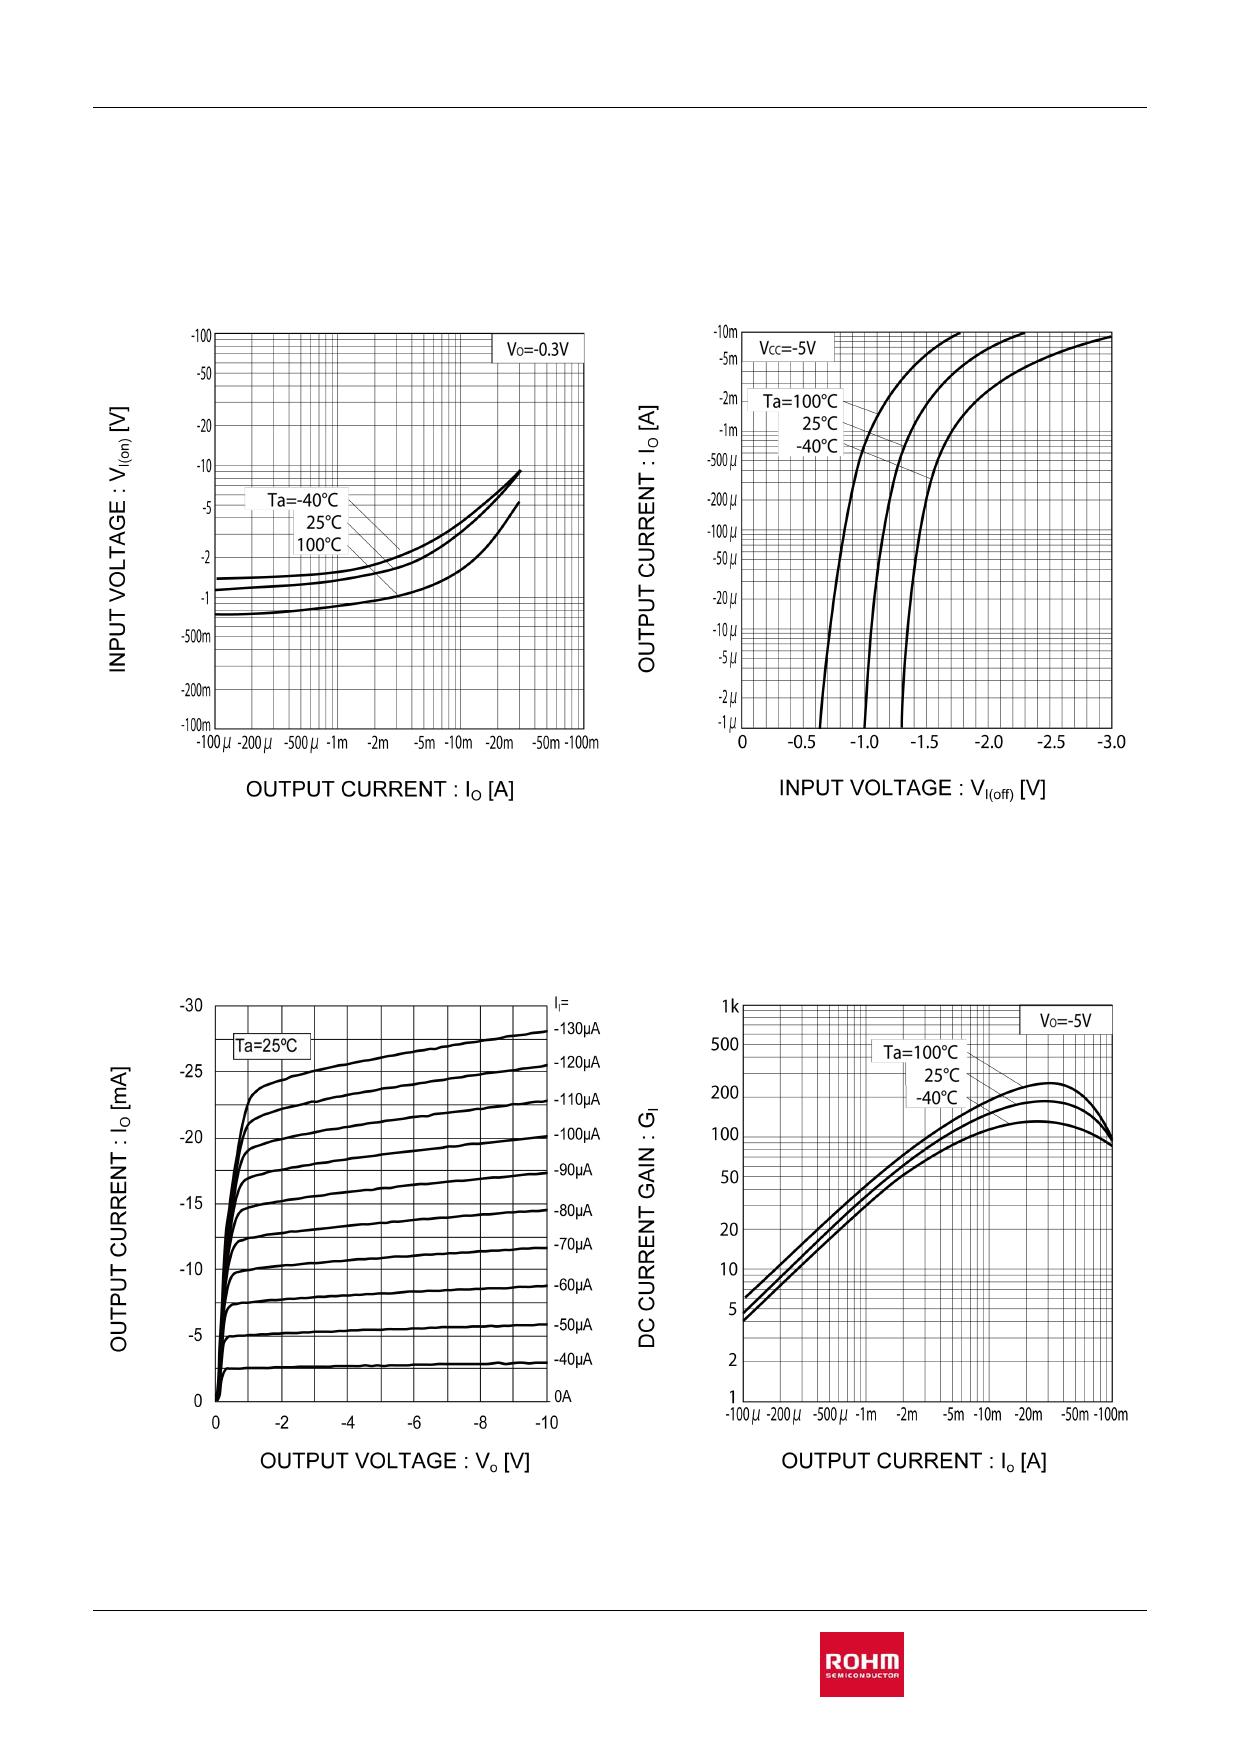 DTA124EKA pdf, 電子部品, 半導体, ピン配列